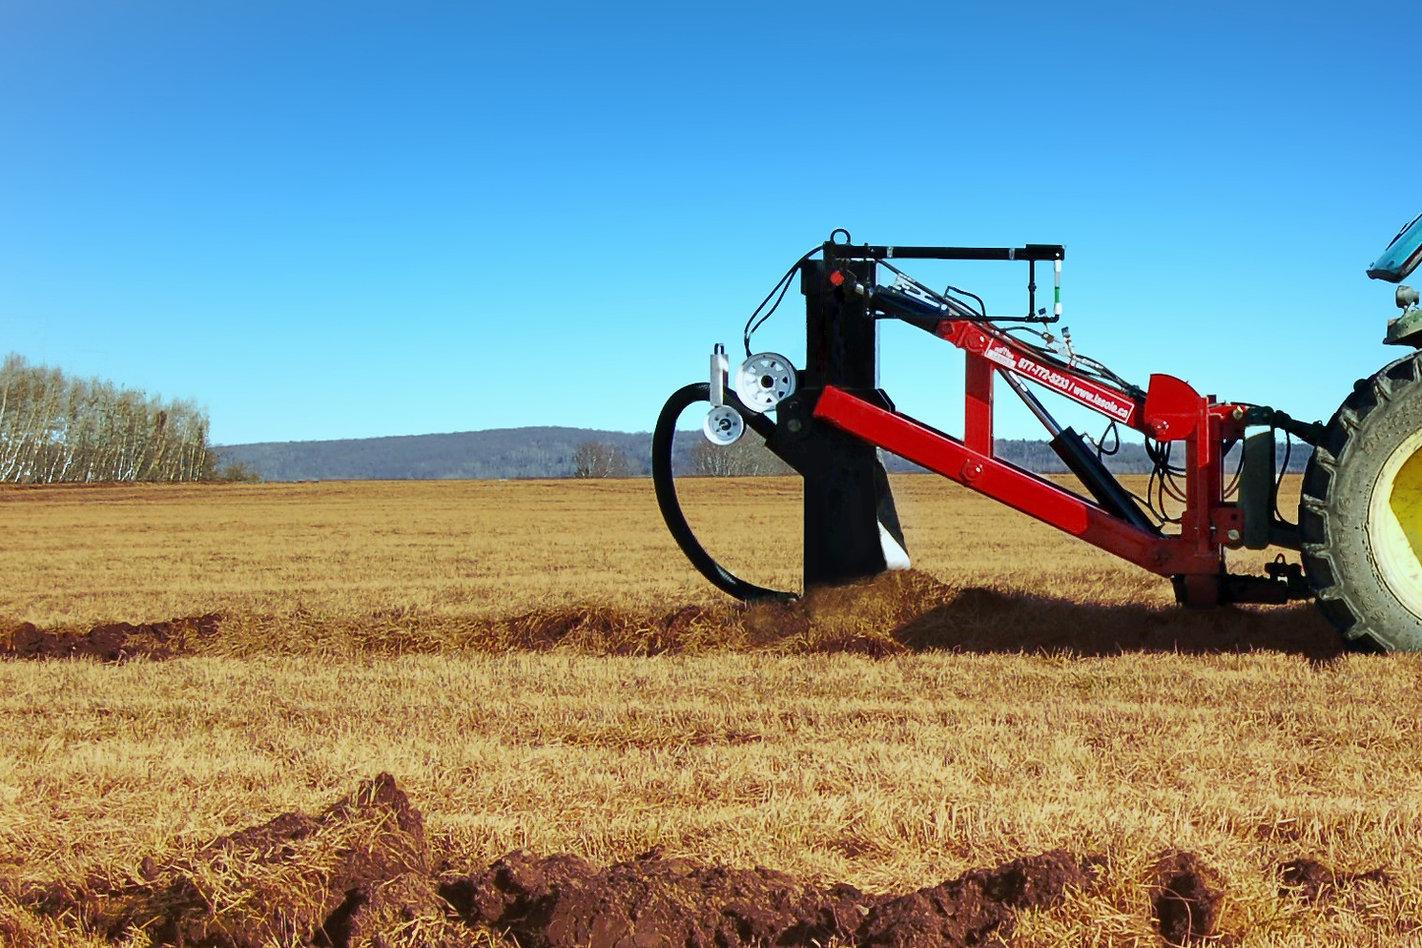 La draineuse agricole LaSole: contrôle et stabilité sans pareil